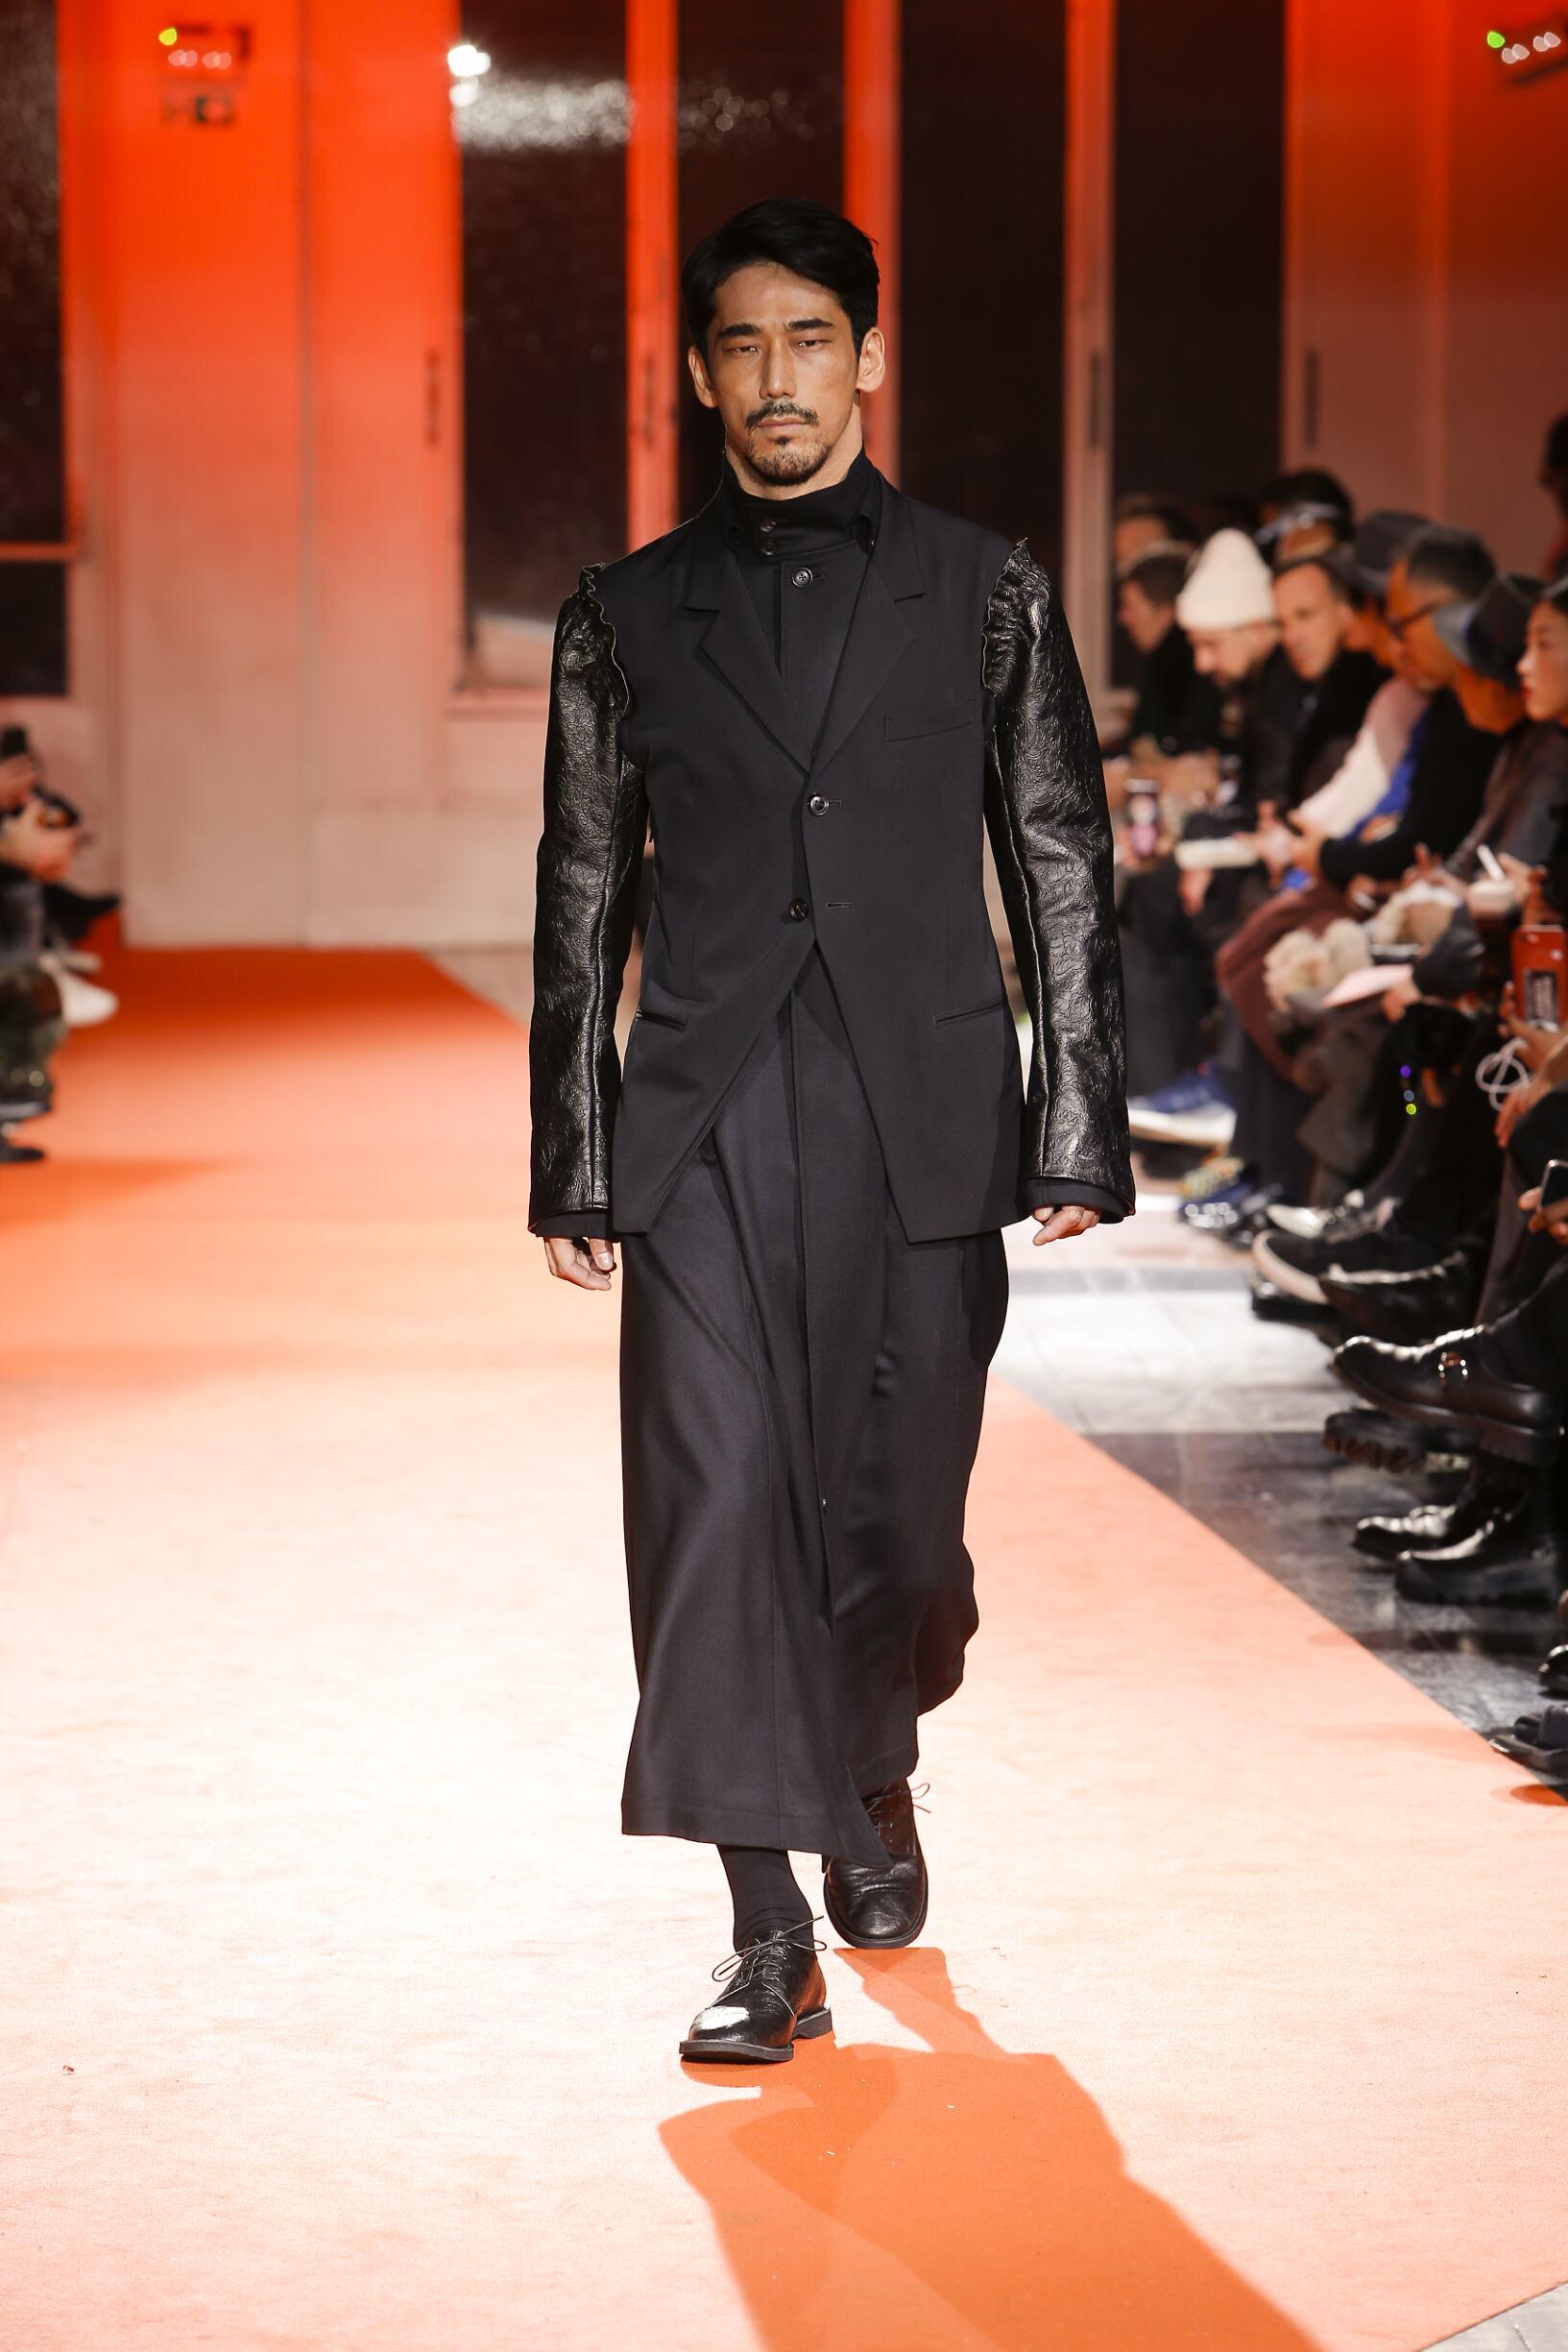 Yohji Yamamoto Man Style 2018